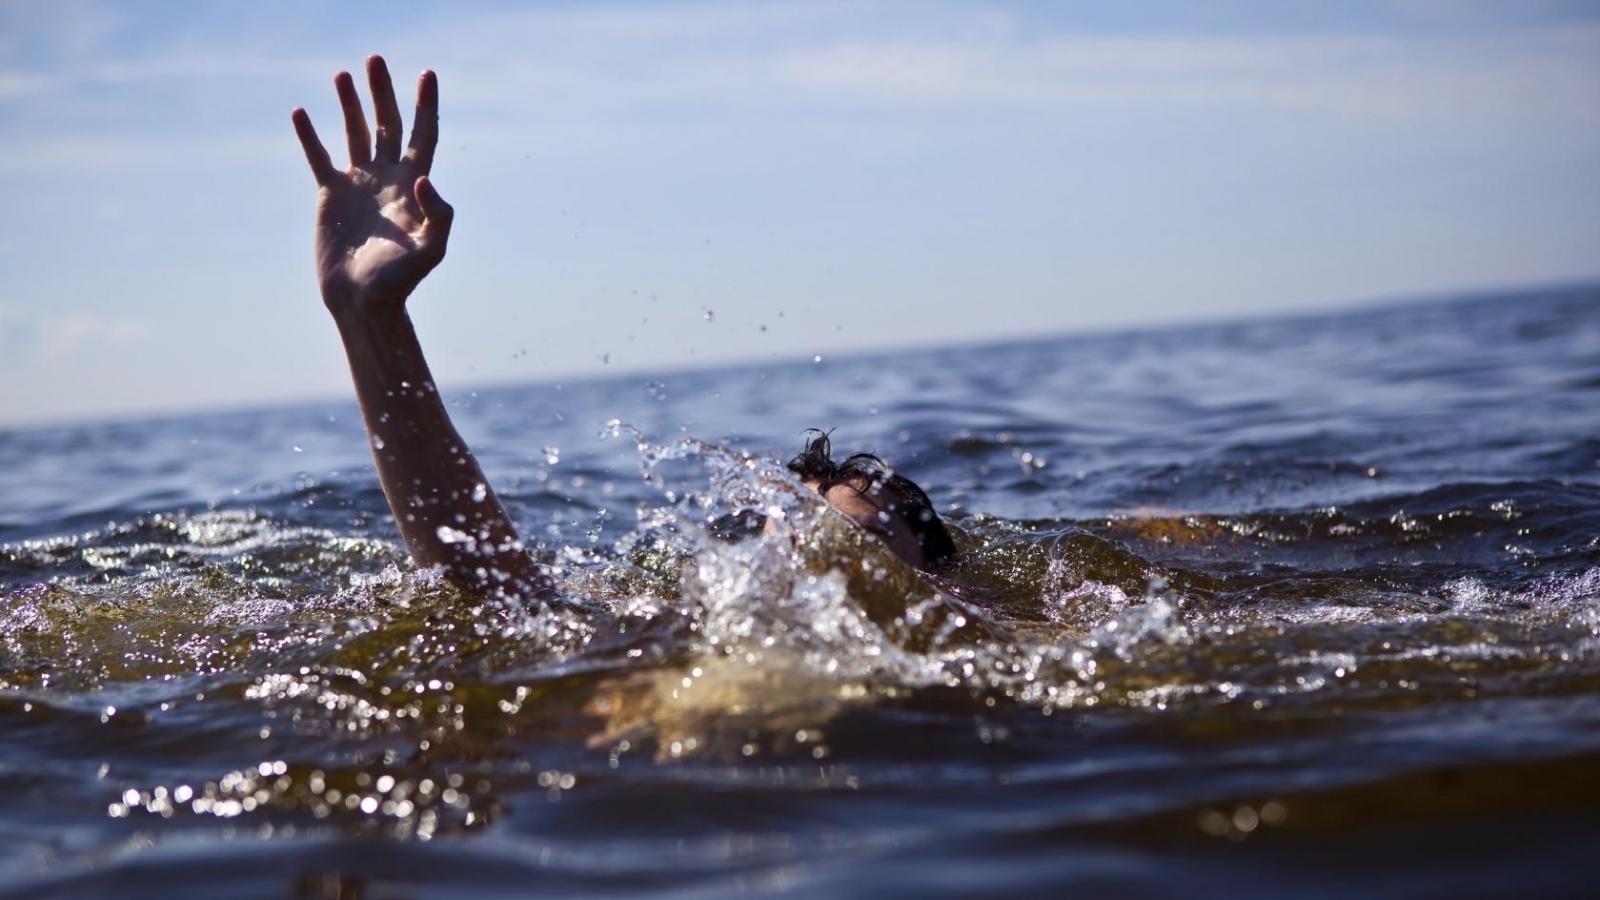 В выходные в области произошло 8 происшествий на воде